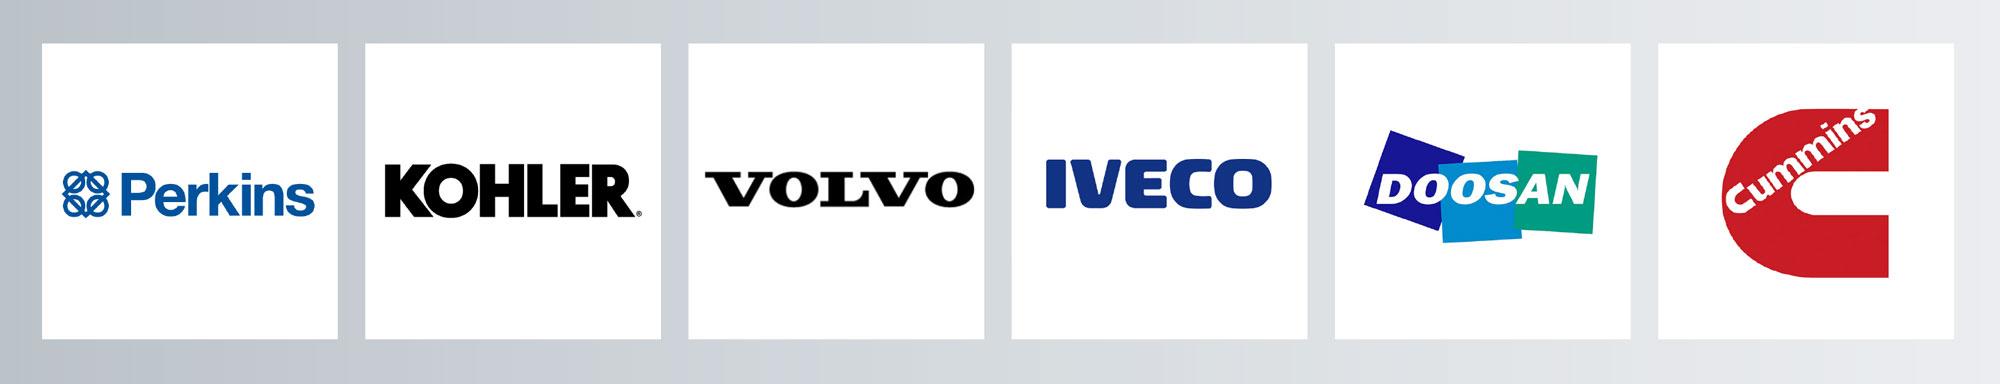 Moteurs utilisés dans les groupes électrogènes Dagartech: Perkins, Kohler, Volvo, Iveco, Doosan et Cummins.